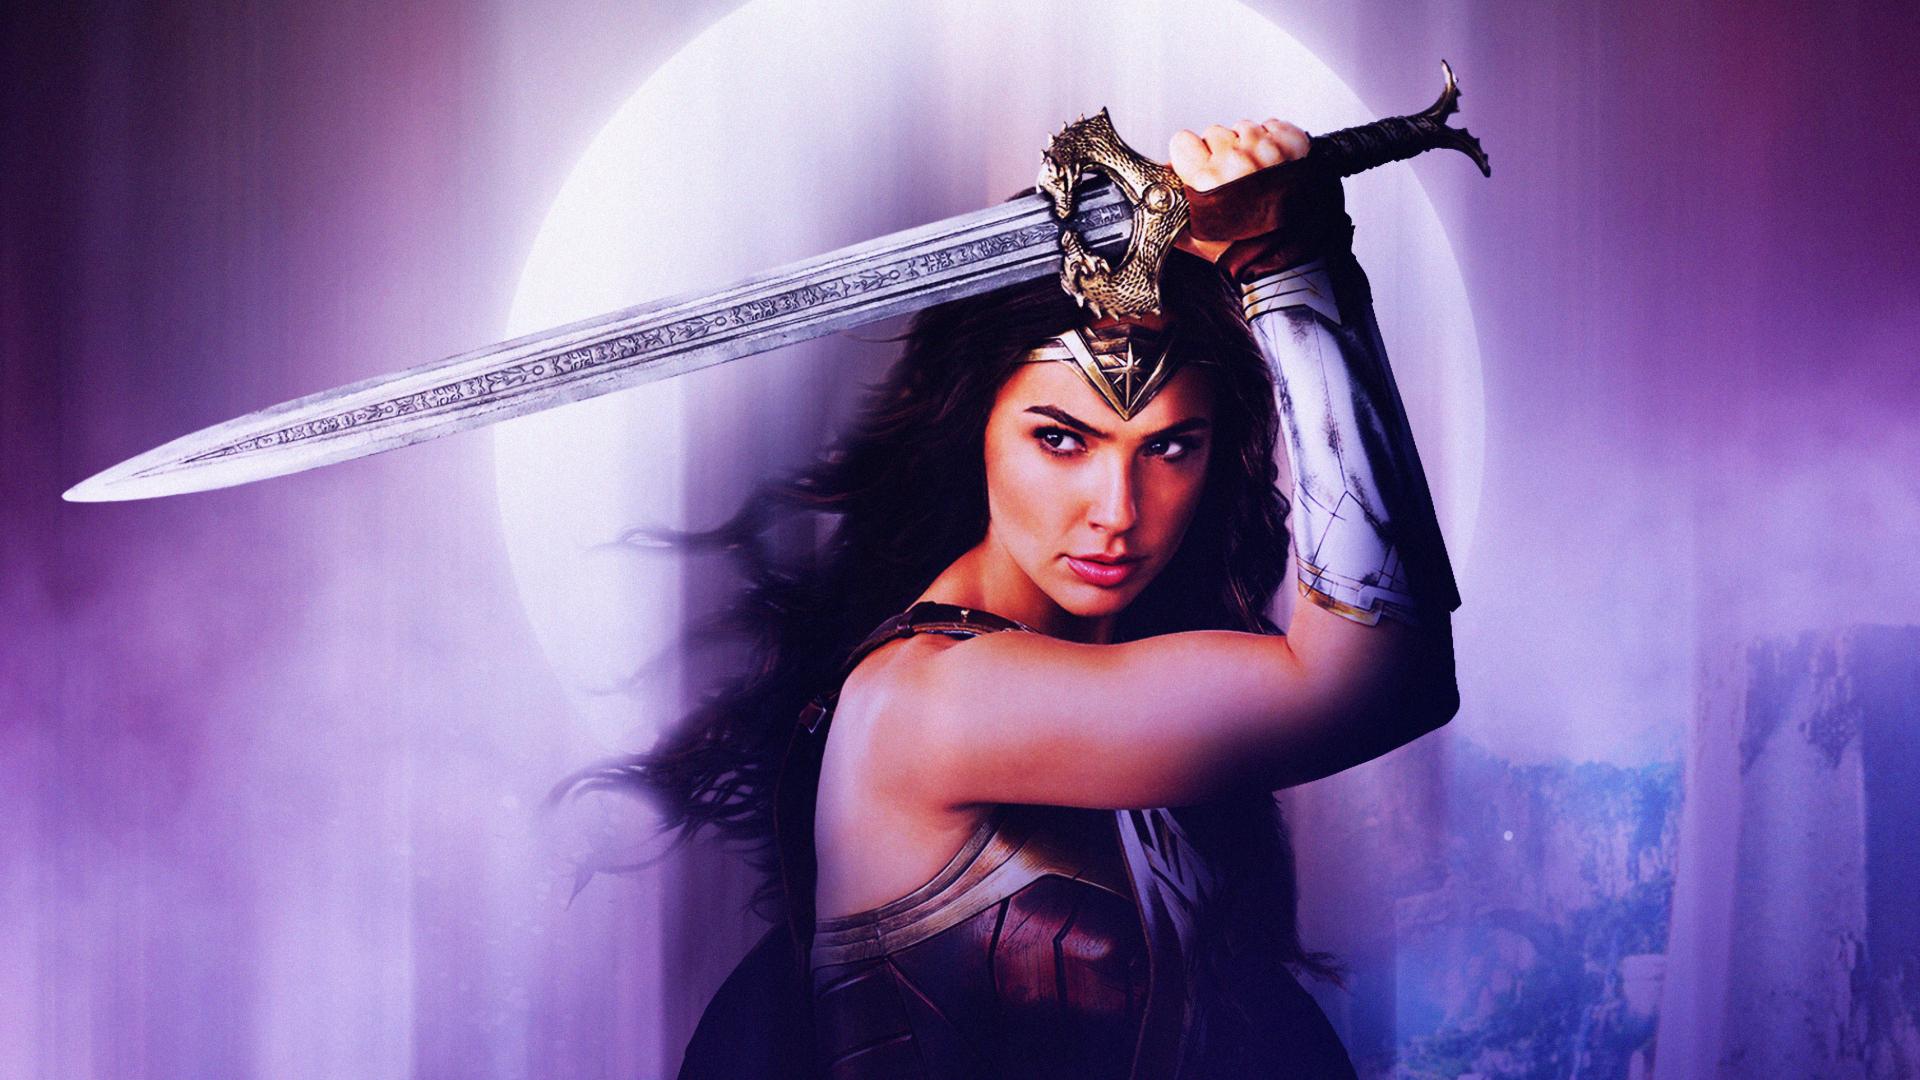 Wallpaper Wonder Woman Hd 4k 8k Movies 9526: Wonder Woman Justice League Fan Art, HD 4K Wallpaper